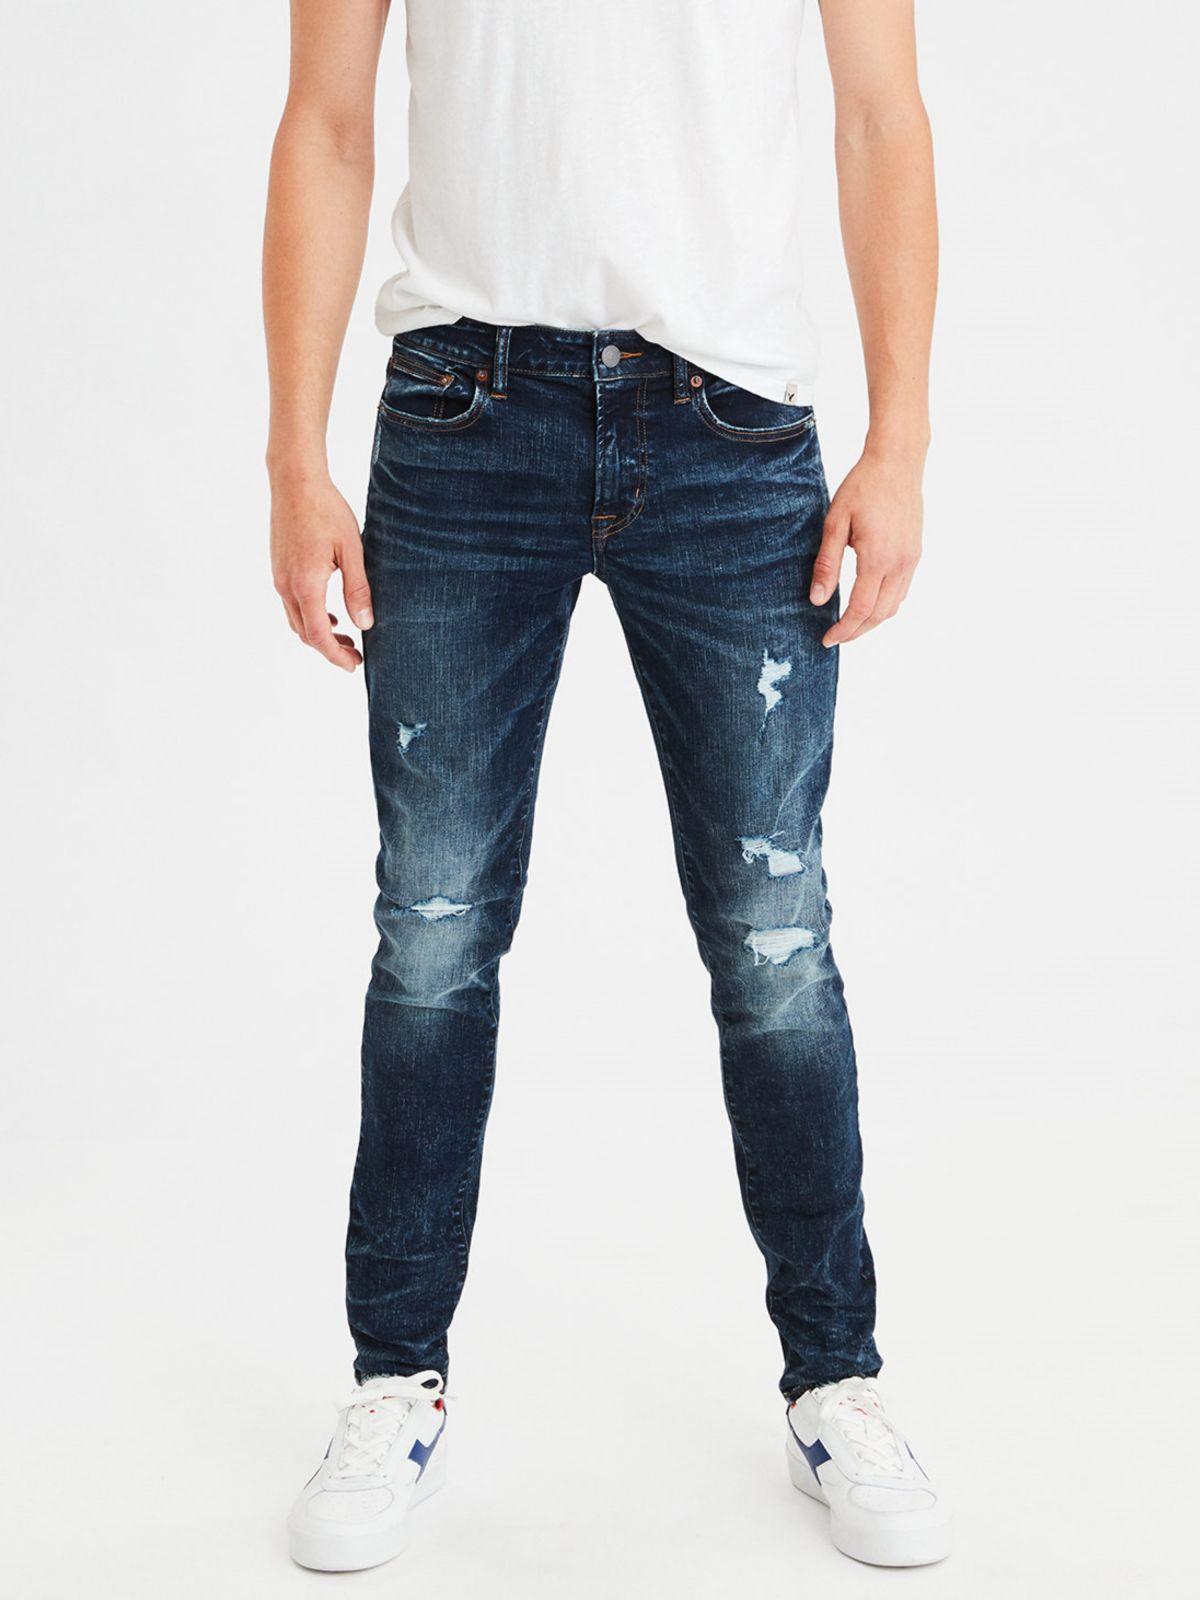 ג'ינס סקיני עם קרעים Skinny Jeanג'ינס סקיני עם קרעים Skinny Jean של AMERICAN EAGLE